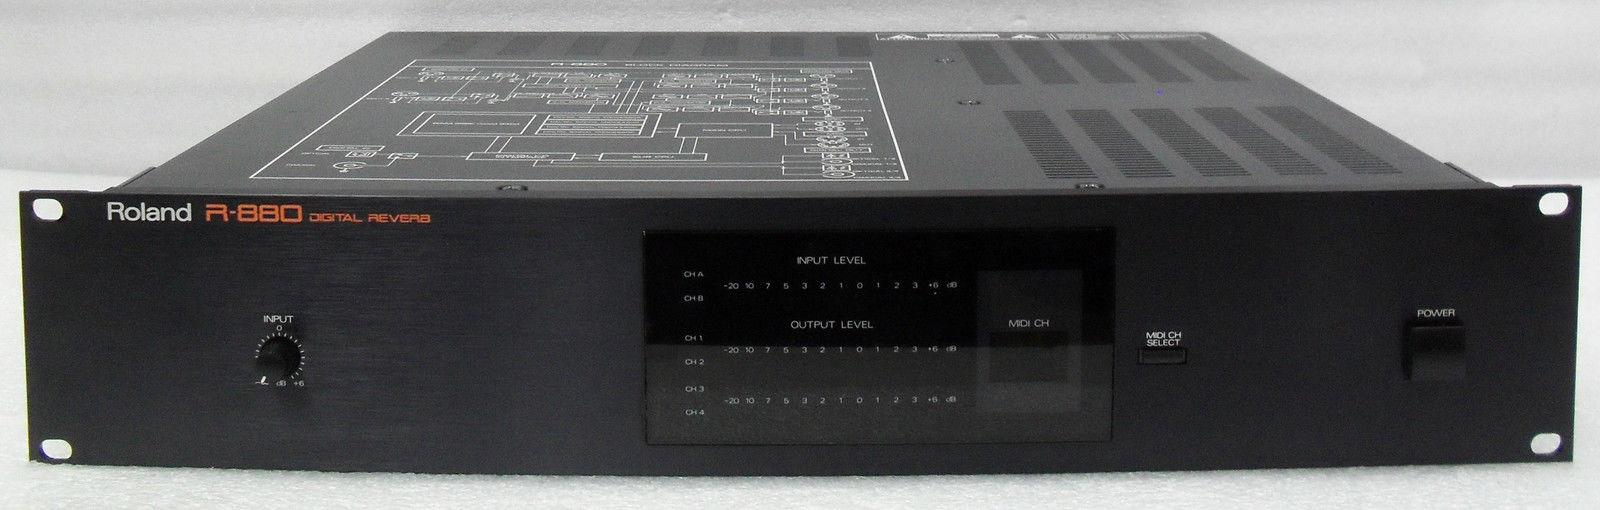 roland r 880 image 823131 audiofanzine rh en audiofanzine com Roland MC-808 Piano Roland 880